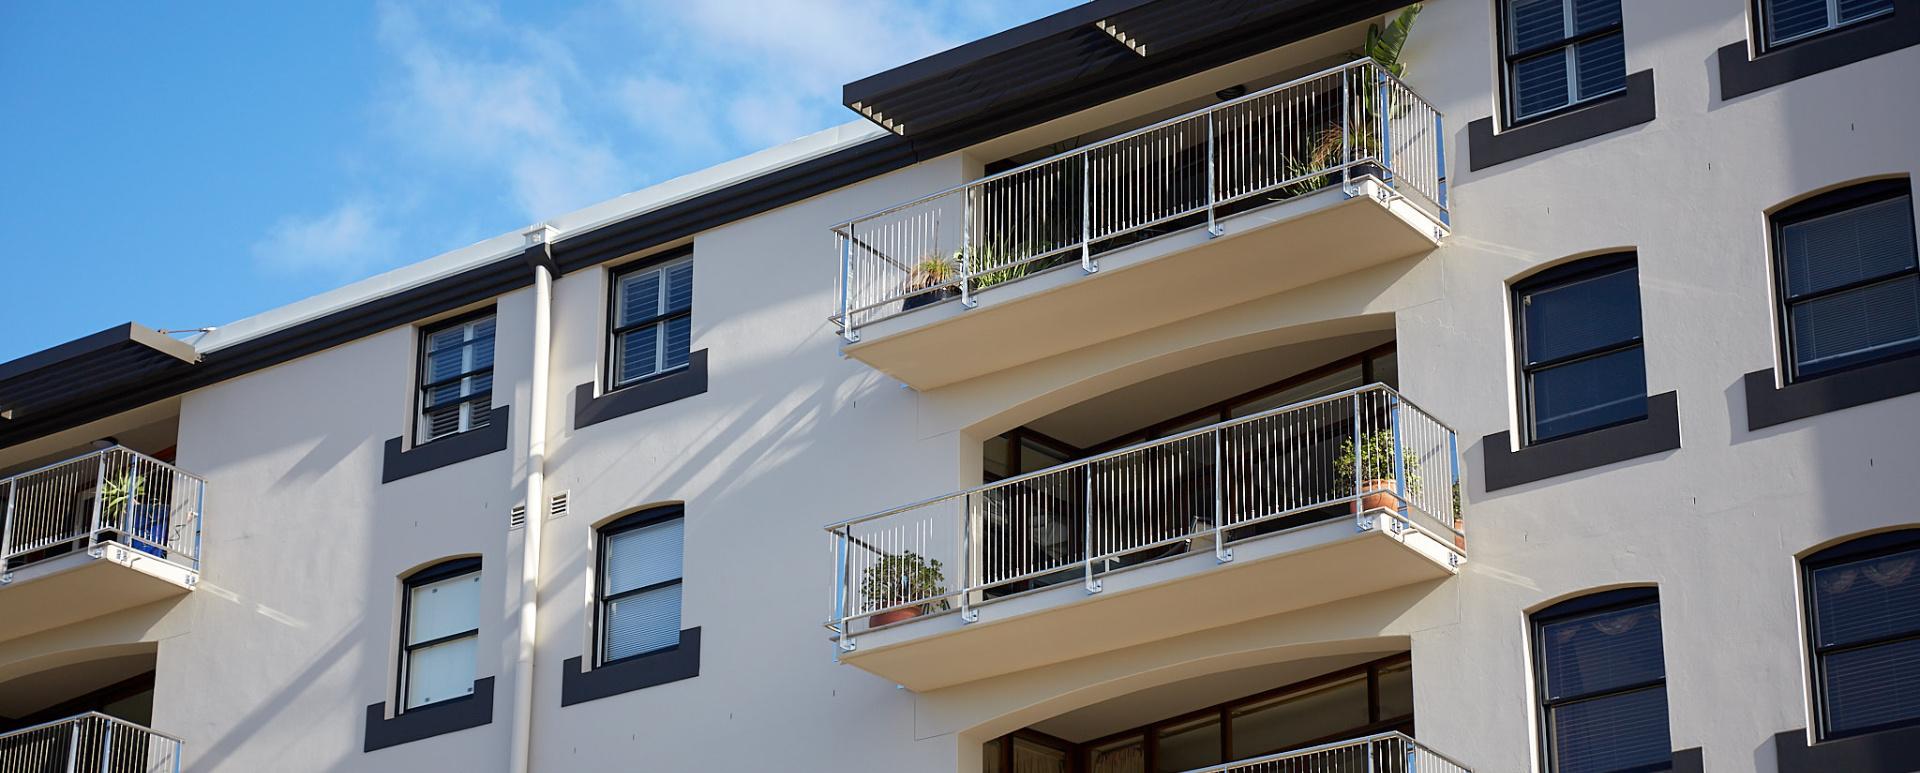 Maintenance Buildingwise-Construction-Newcastle-Stevenson-Pl-6964